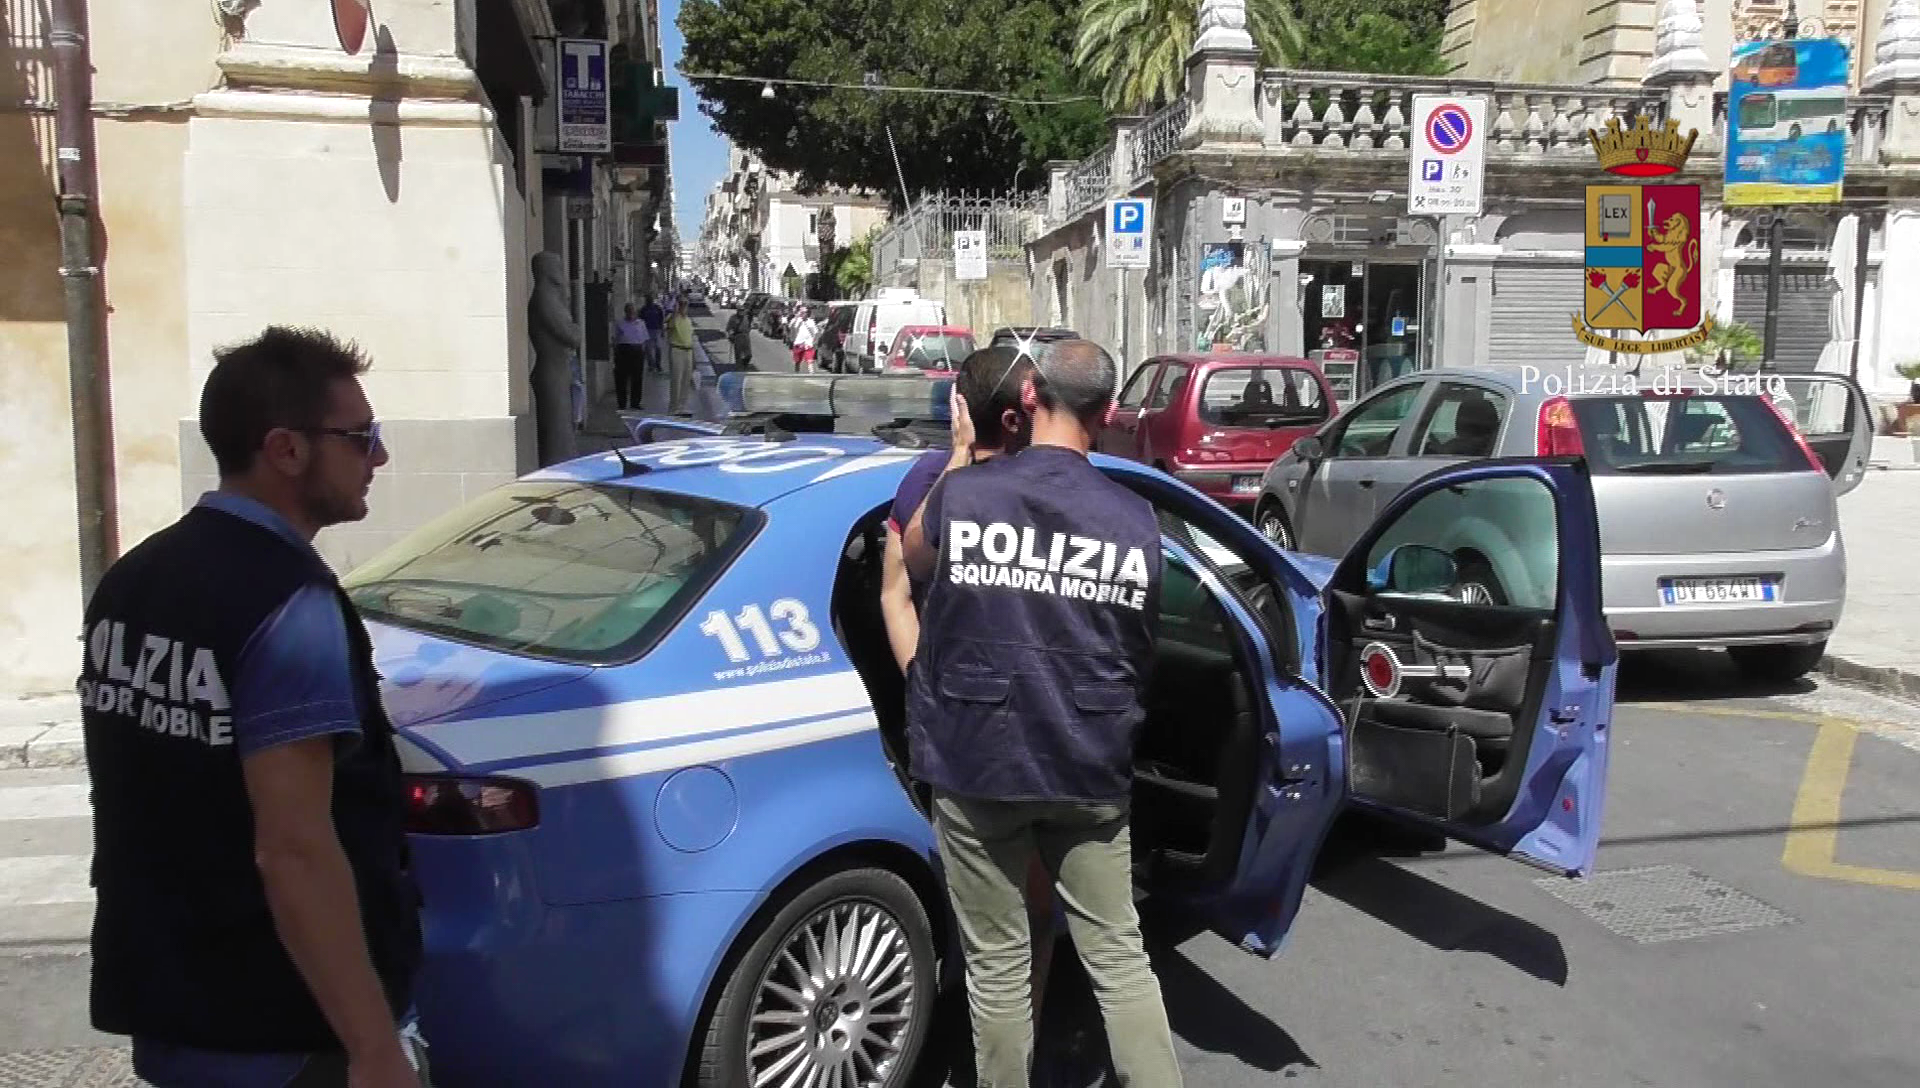 La Squadra Mobile smantella una banda di spacciatori: Nove arrestati